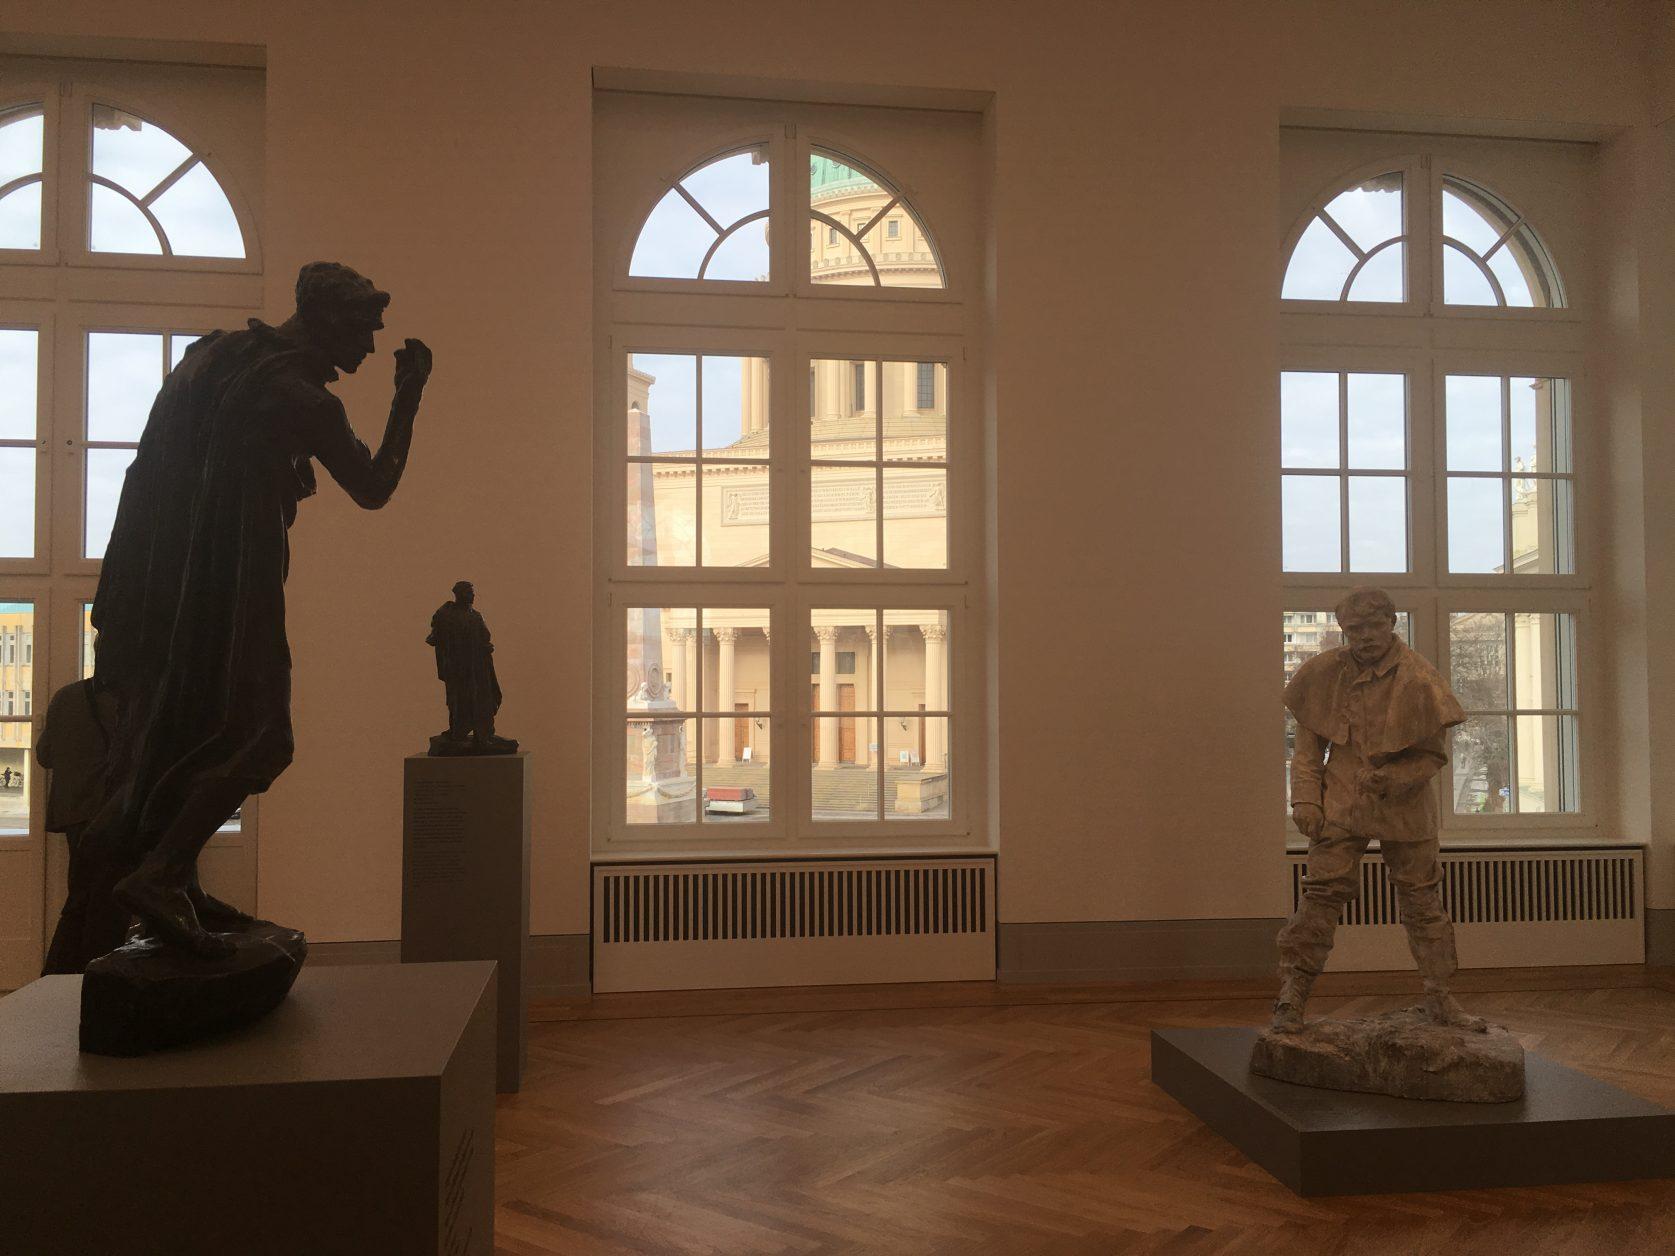 Plastiken von Rodin im Museum Barberini, Foto: D.Weirauch